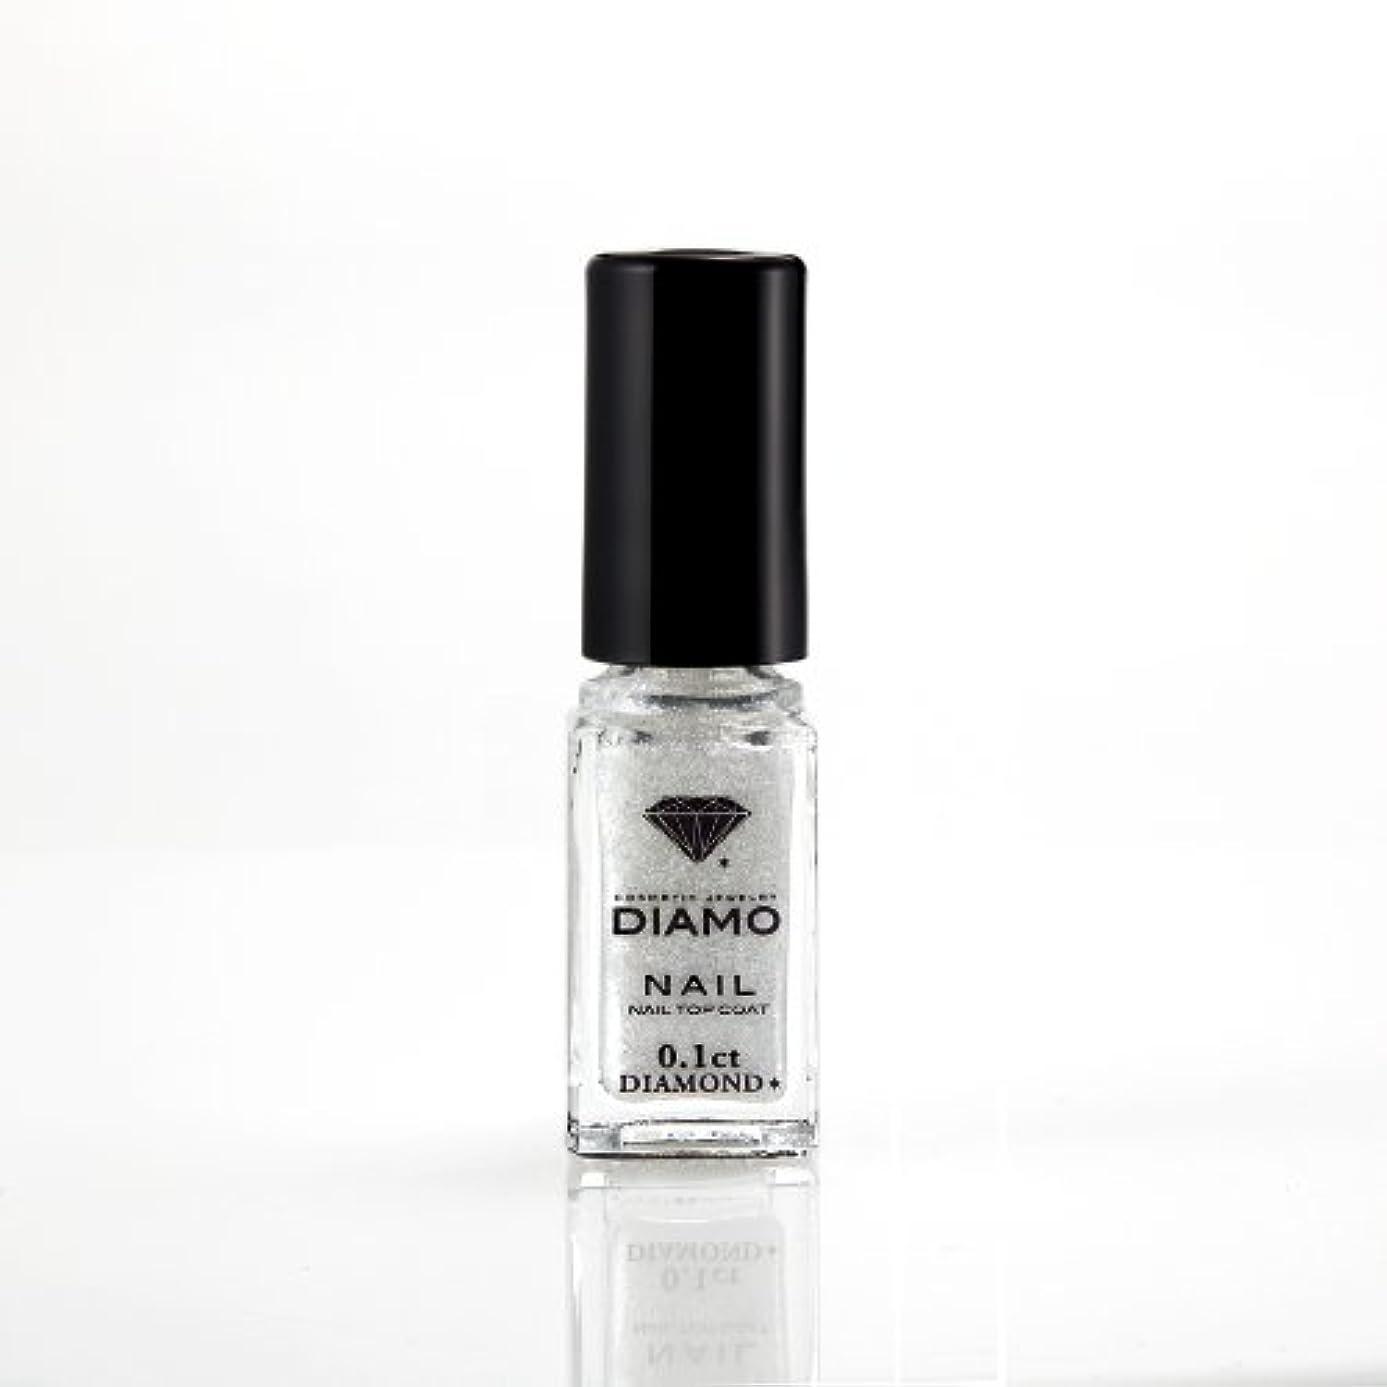 すみませんステンレス心理的DIAMO NAIL TOP COAT ディアモ ネイル トップコート0.1ct 天然ダイヤモンド粉末入り5ml